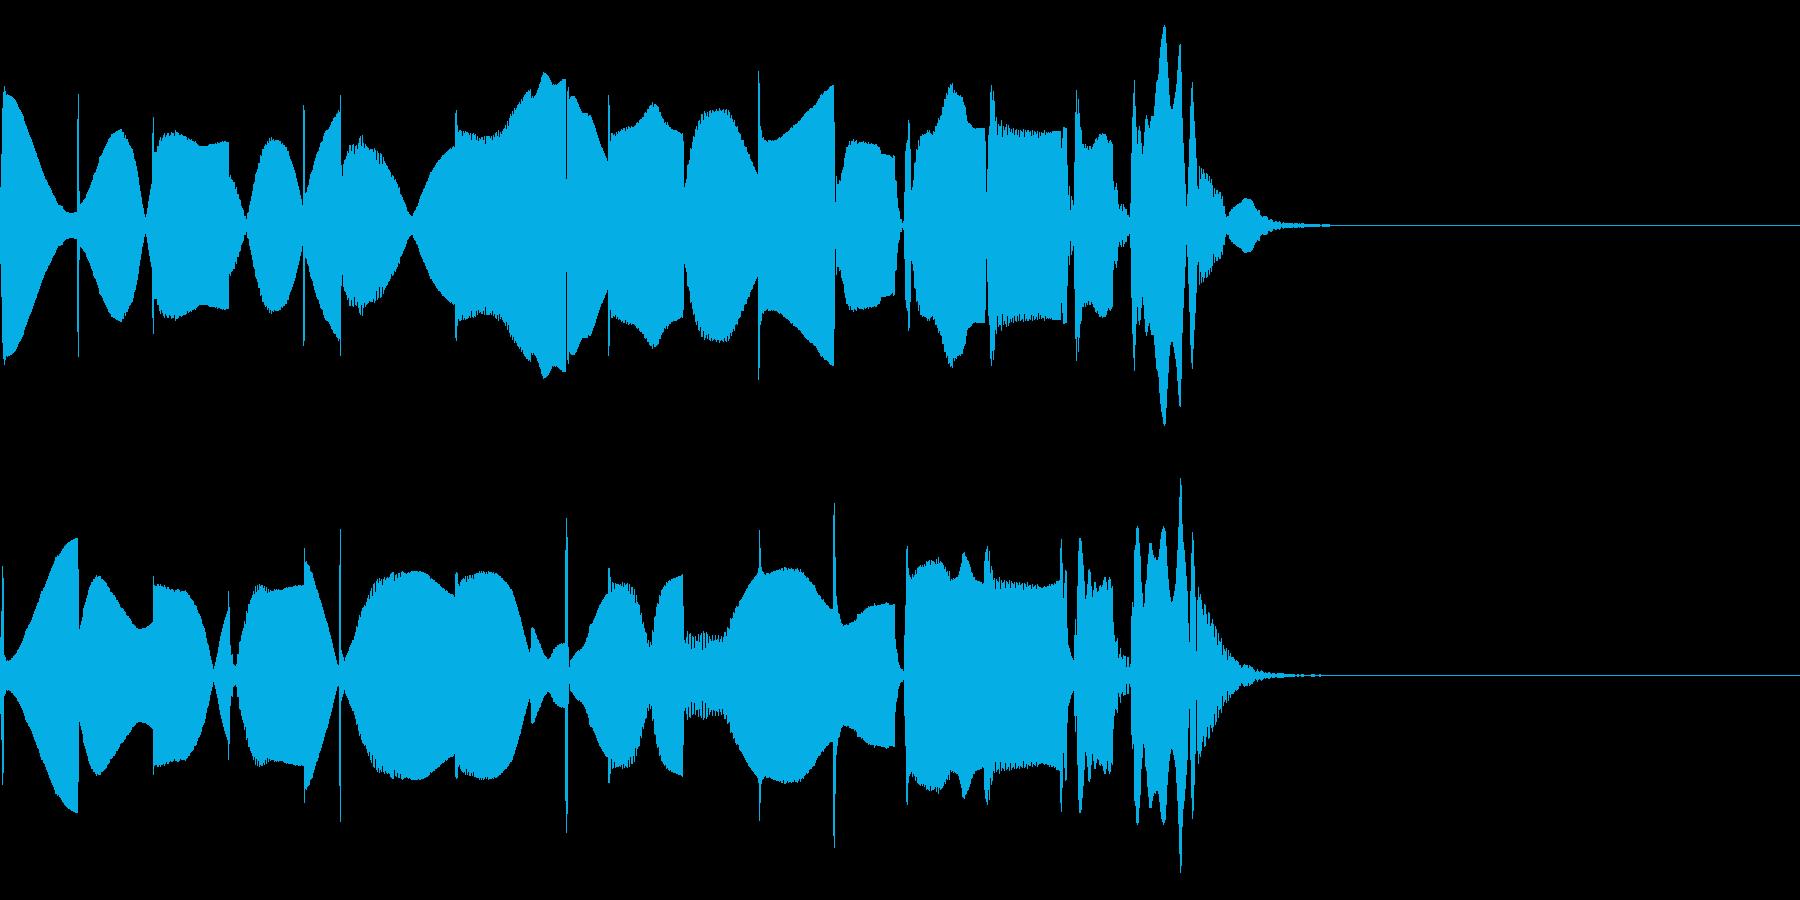 キャラクターが混乱したときの通知音の再生済みの波形